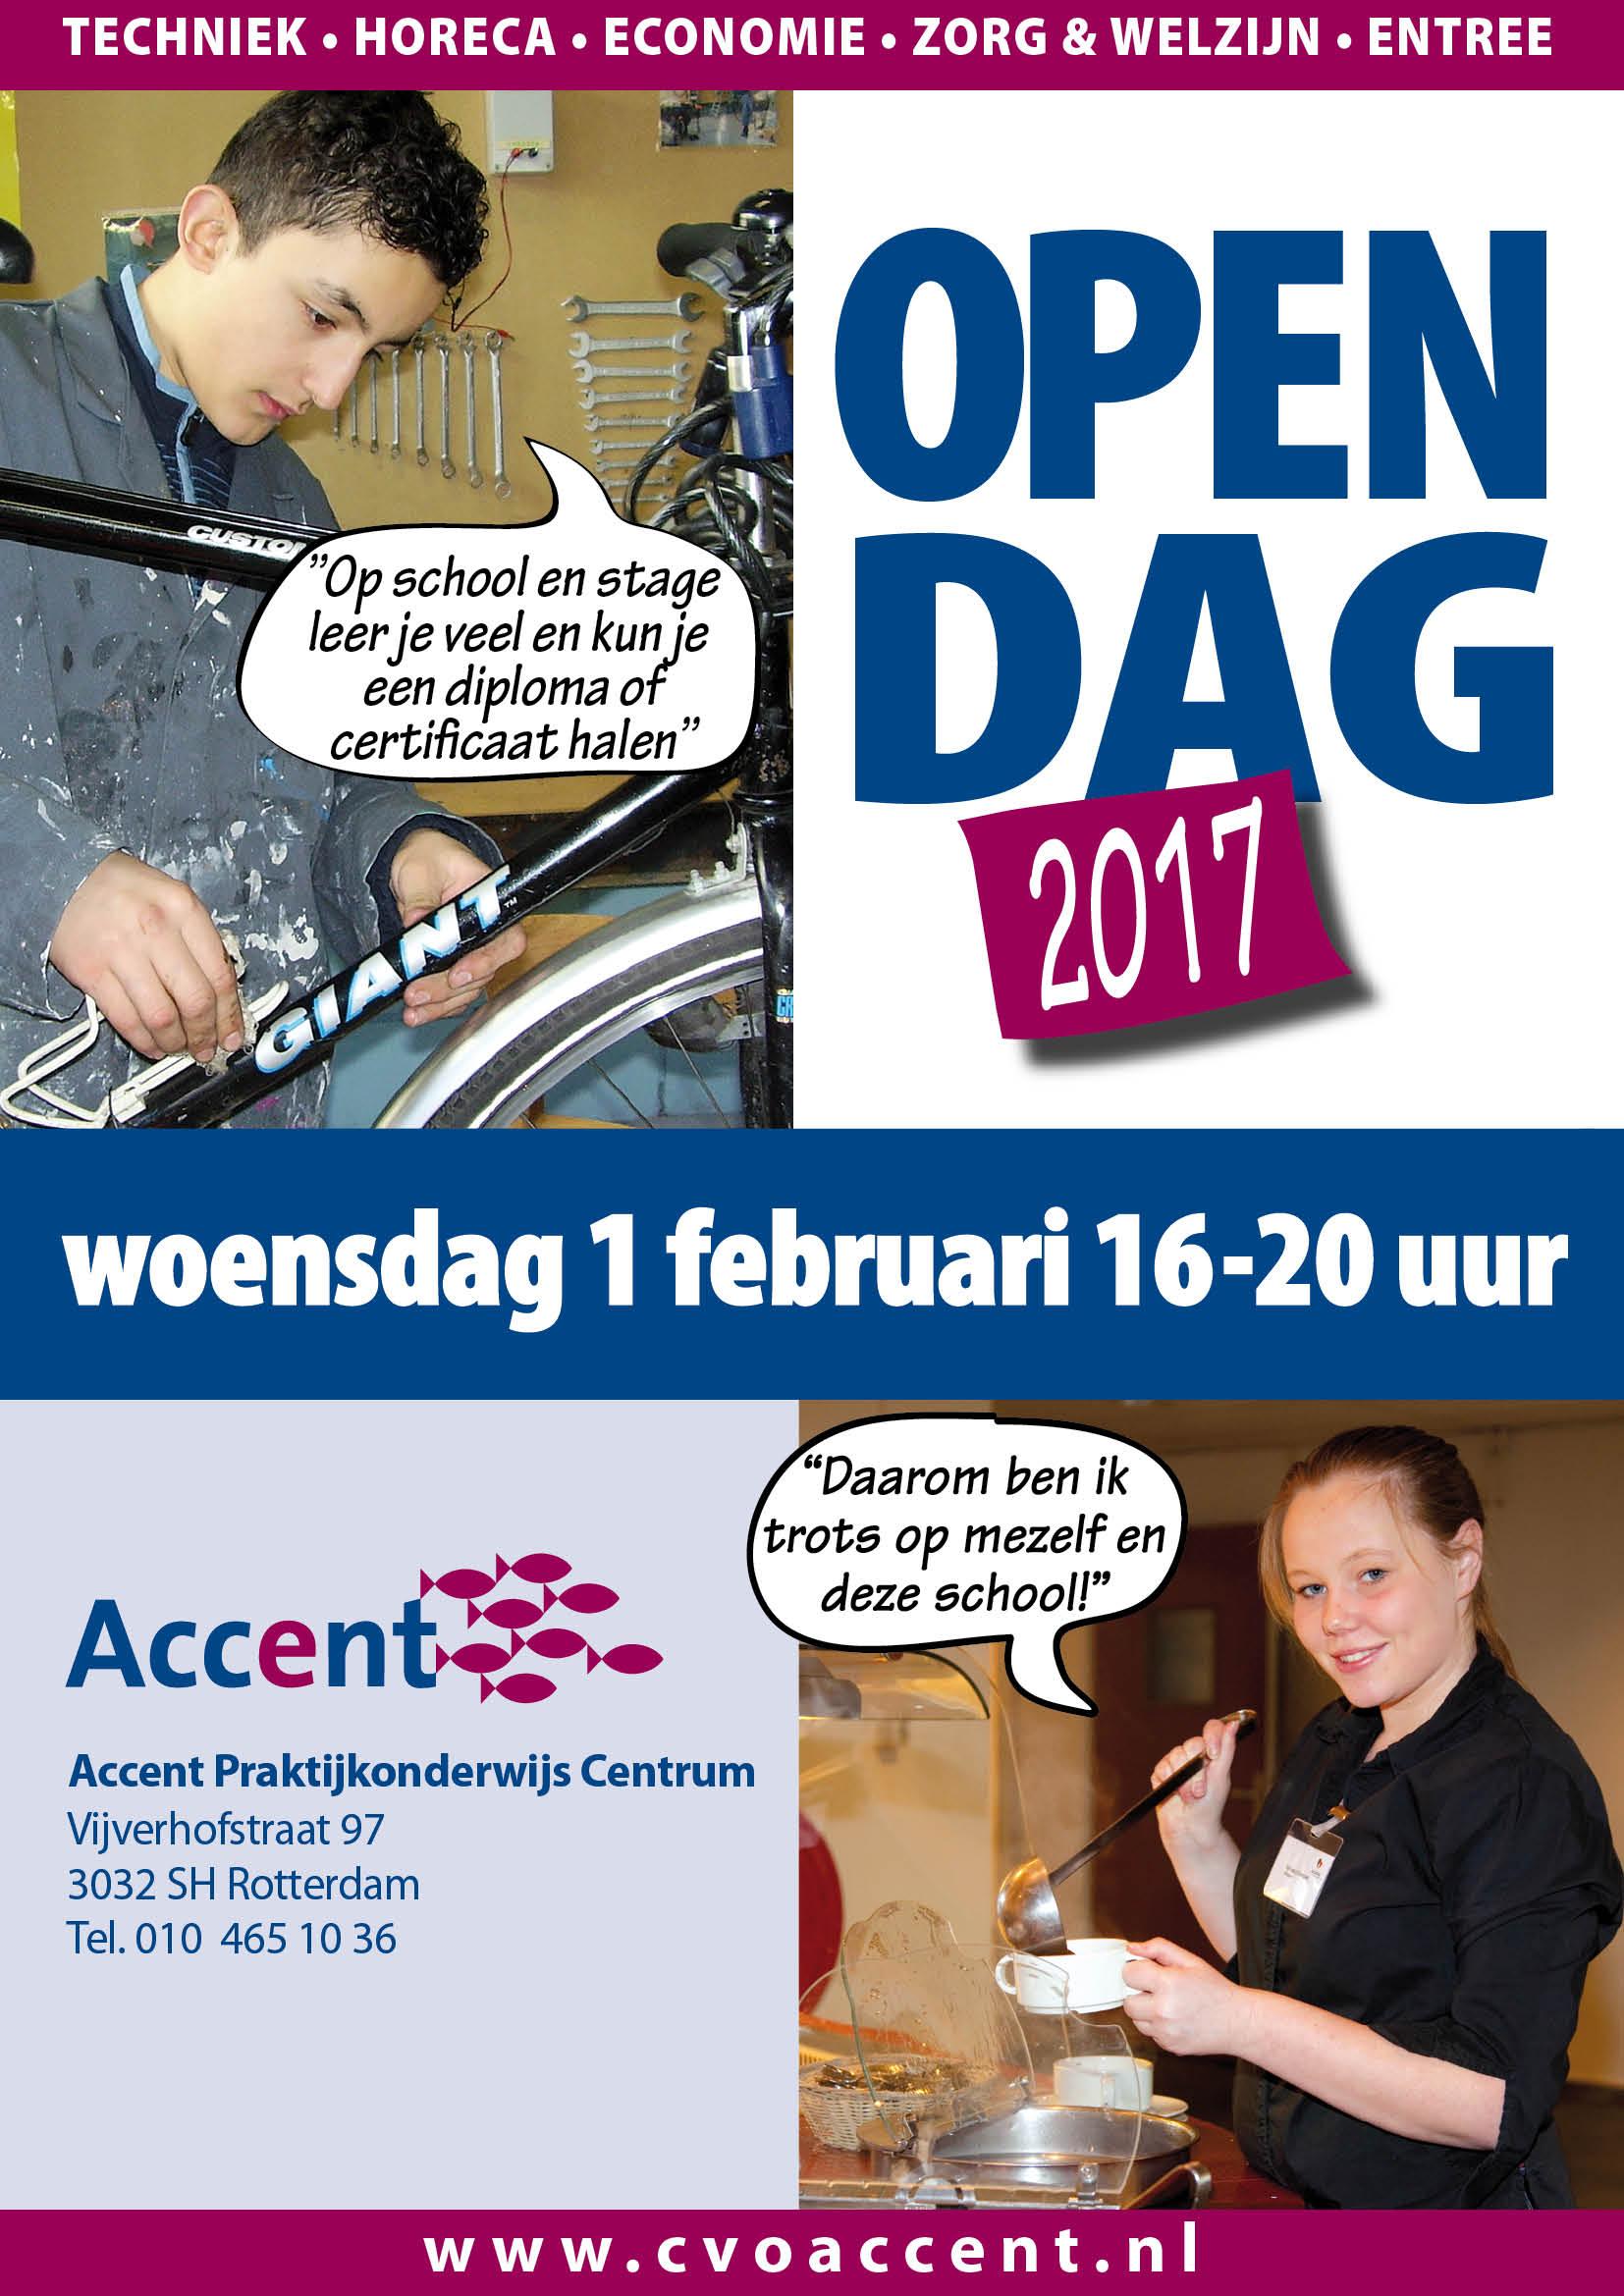 Posters Open Dagen 2017 Accent Praktijkonderwijs